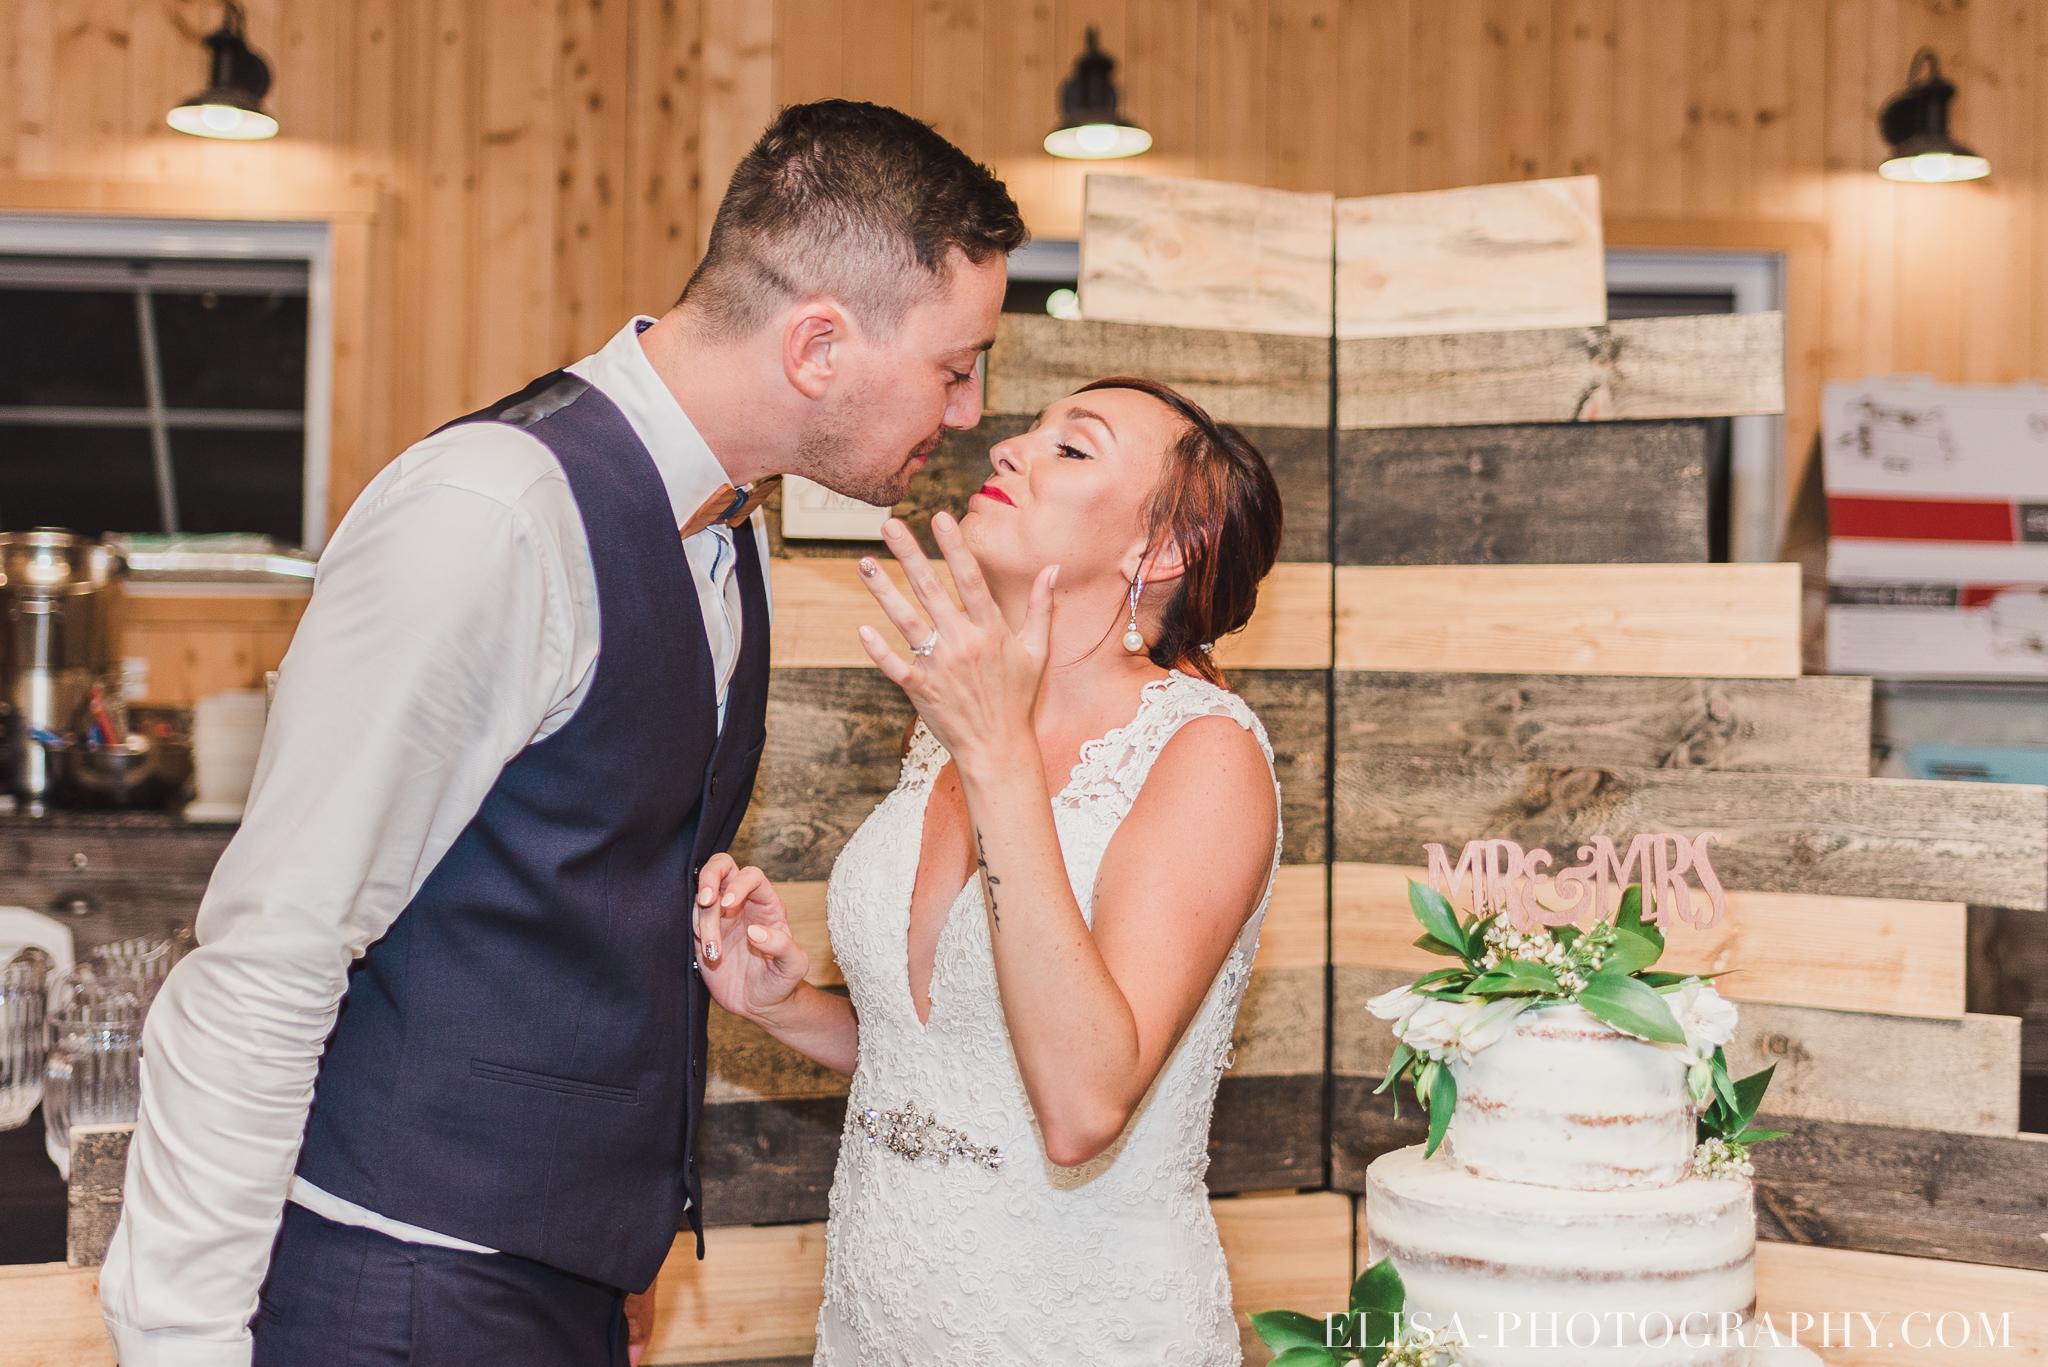 photo mariage ferme genest reception verger pommier quebec coupe gateau 2322 - Smoke bomb et mariage dans les vergers de la Ferme Genest à Saint-Nicolas